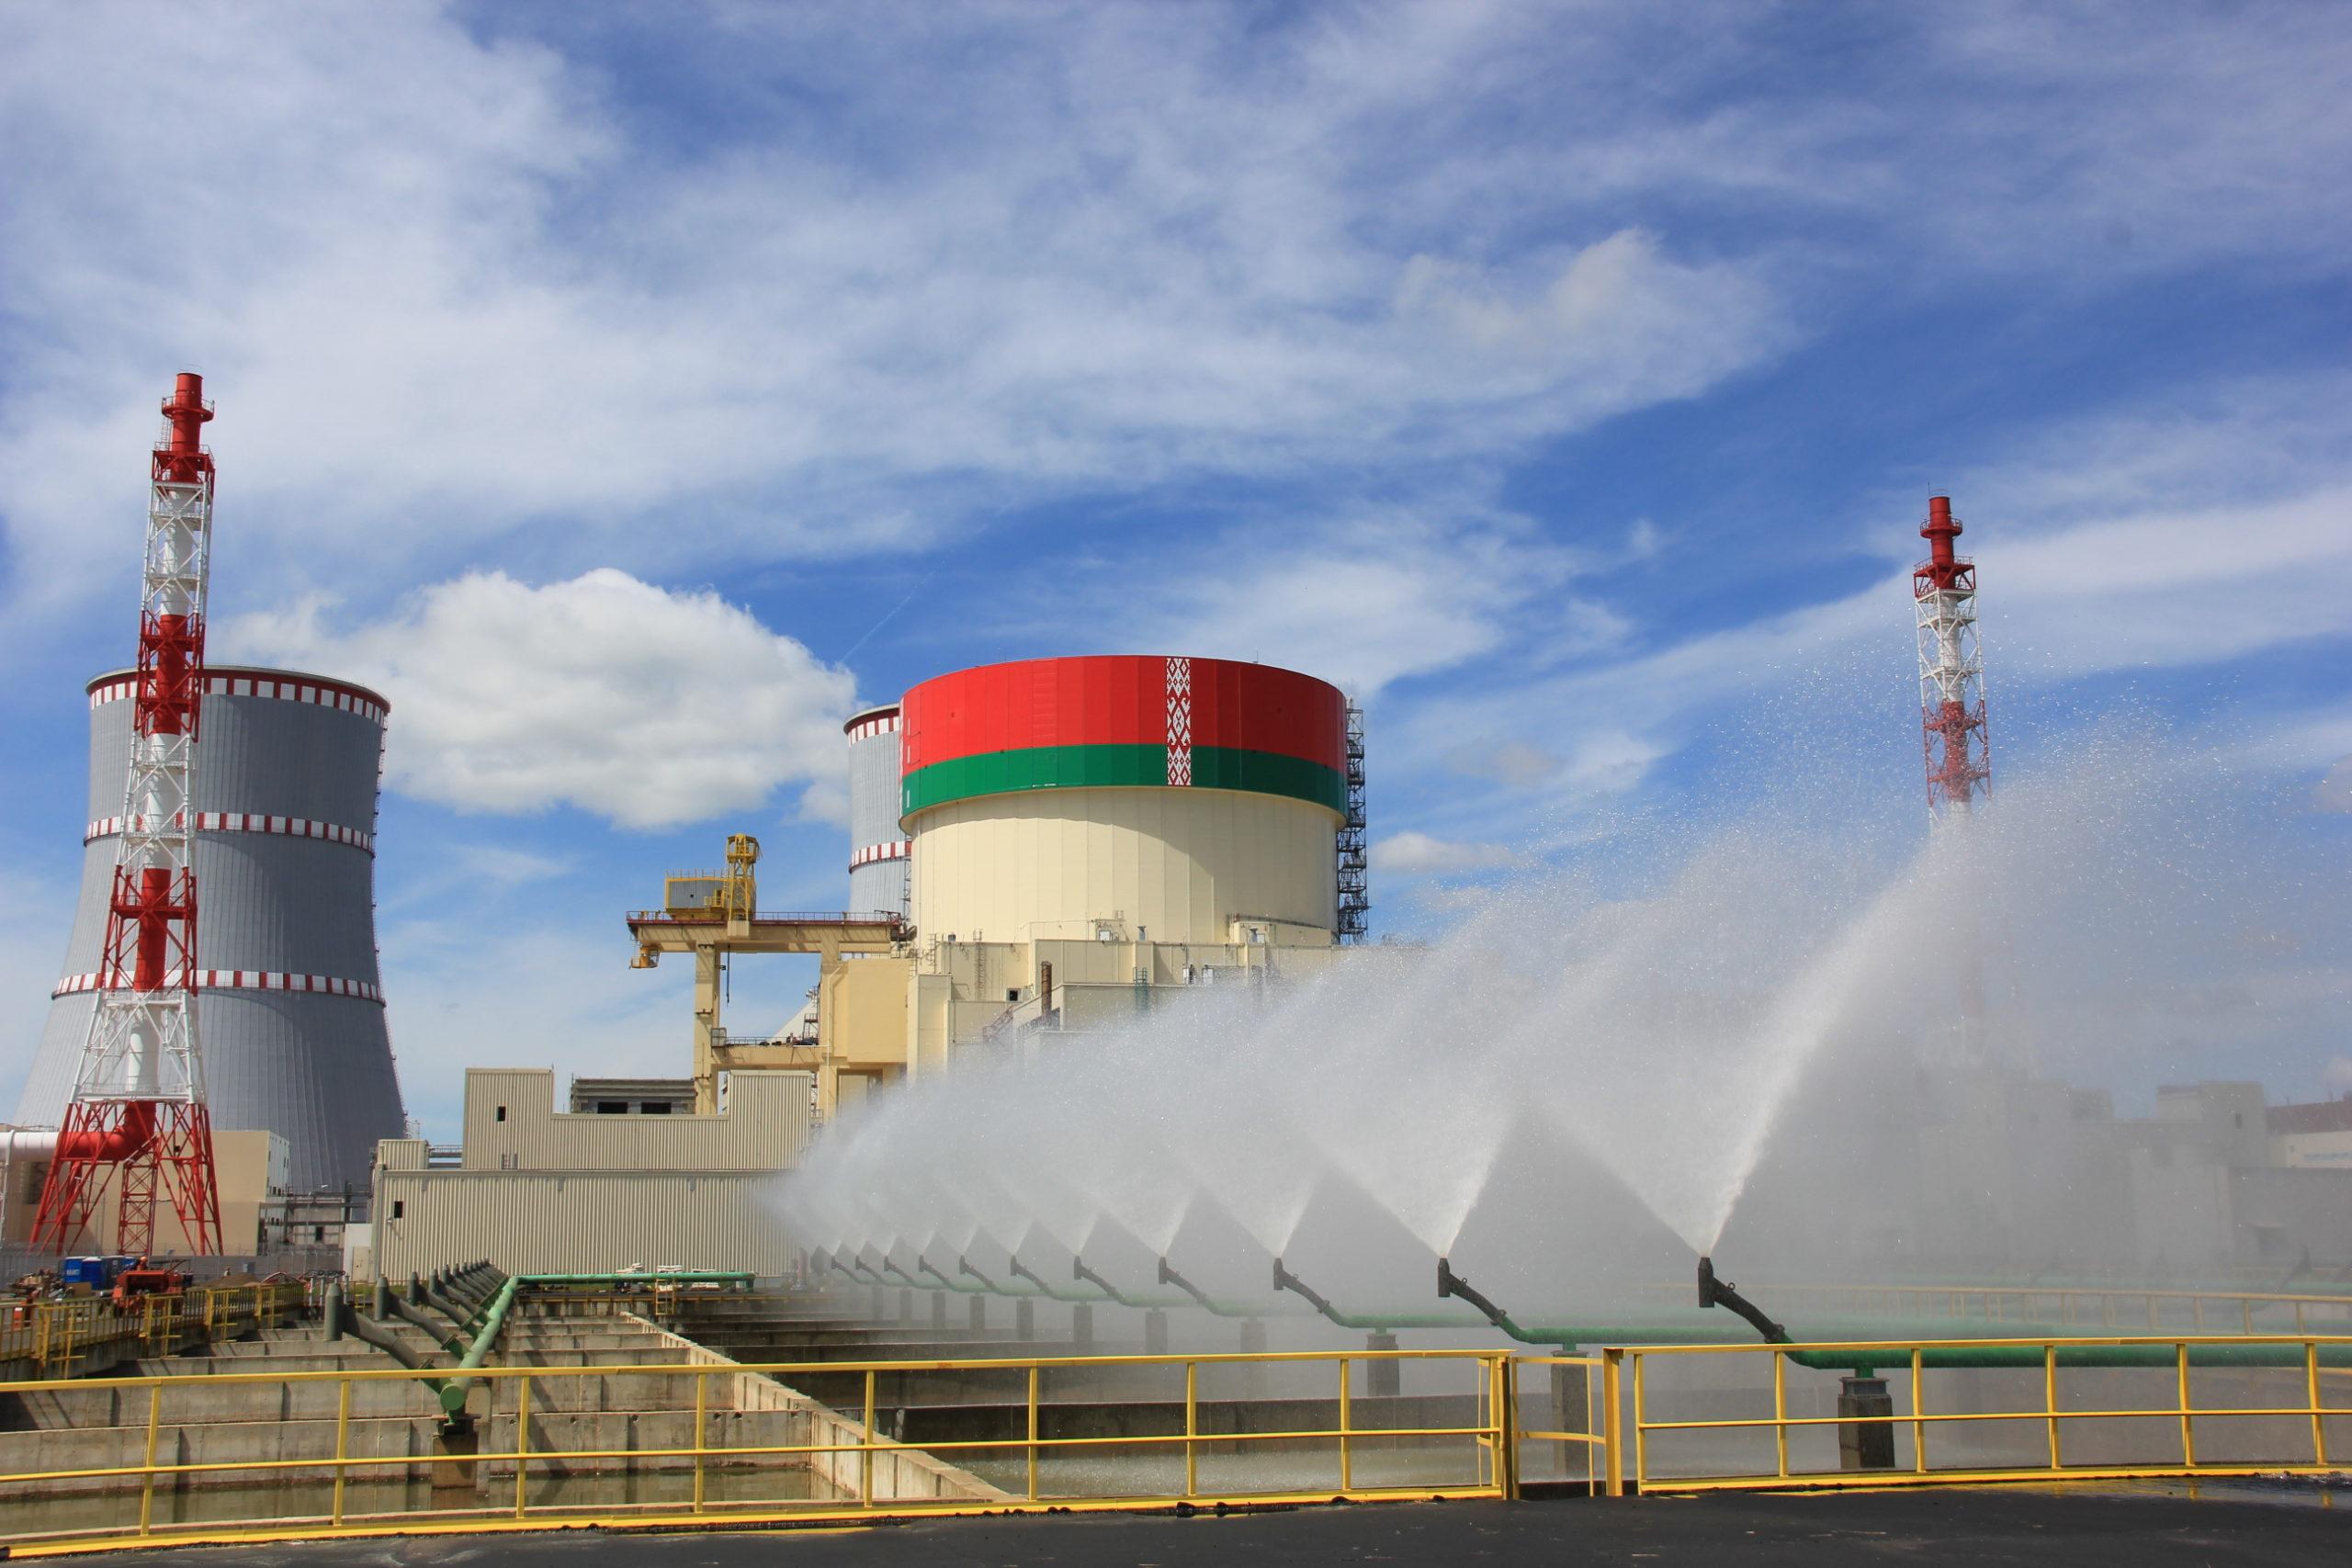 jaderná energie - Rosatom v Bělorusku spouští jadernou elektrárnu, do projektu se zapojily i české firmy - Nové bloky ve světě (Zkoušky bazénů rozstřiku v Běloruské JE scaled) 2